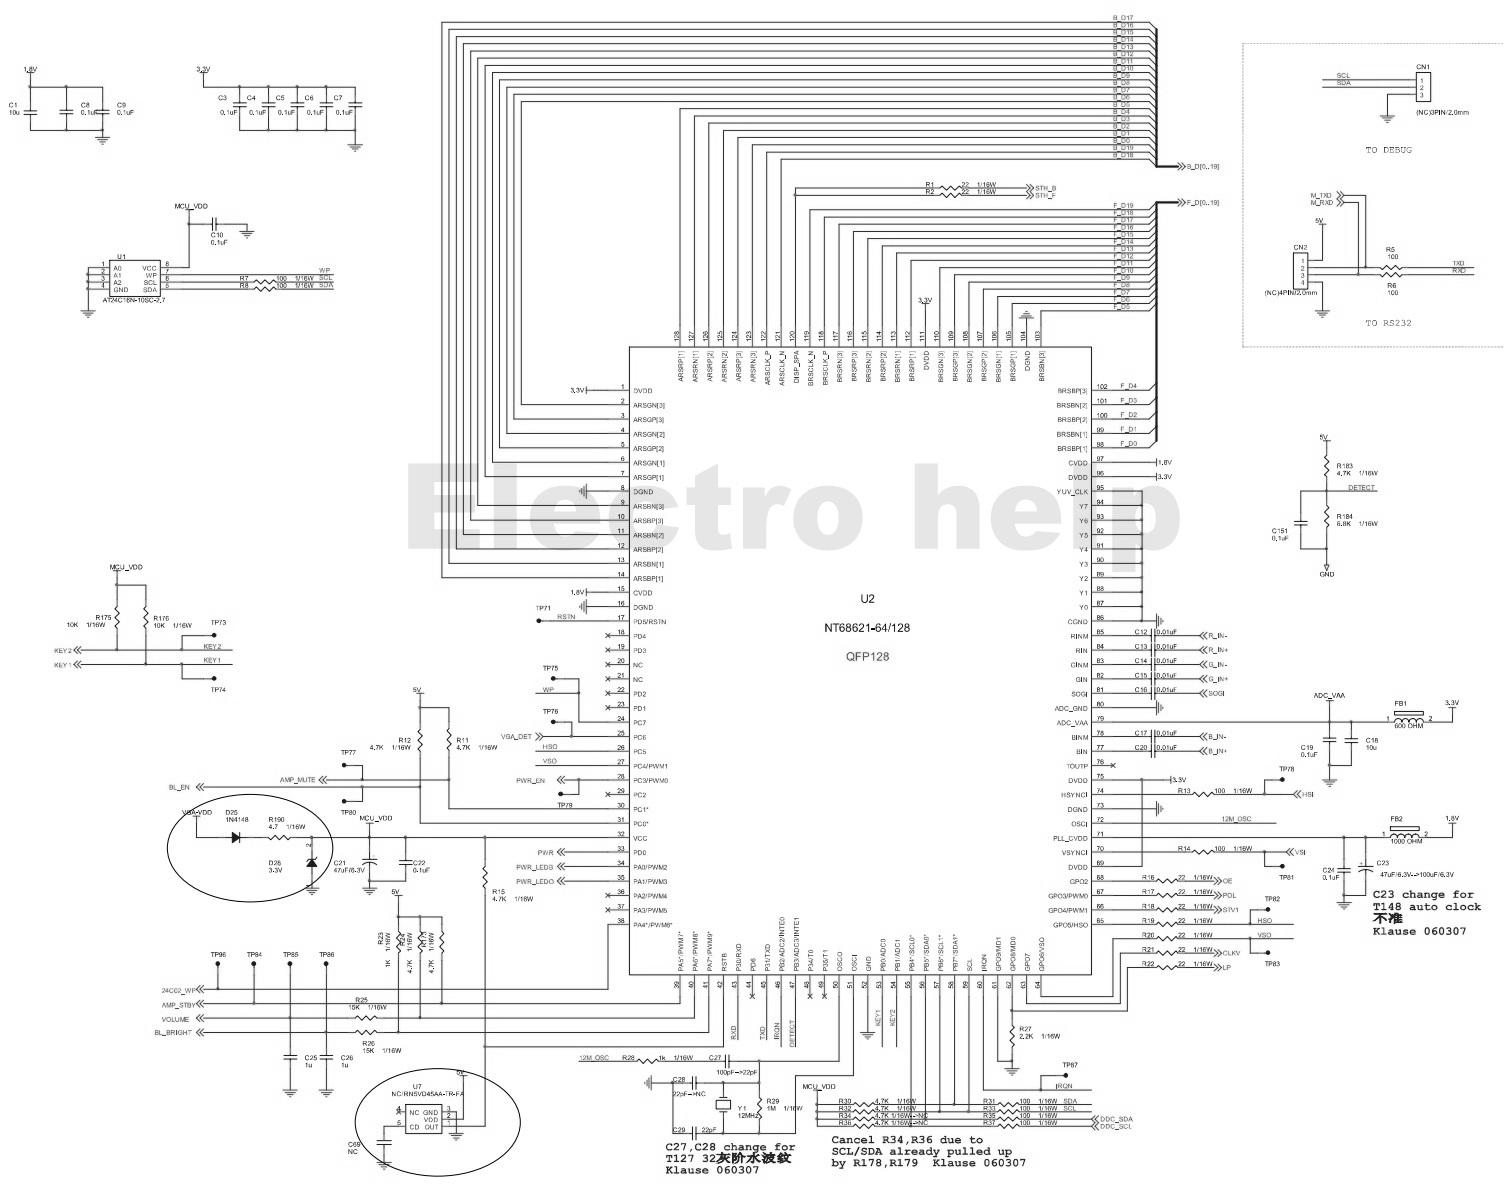 Sony Kv29x5a Crt Tv Smps Str F And Aoc T76cm5mdf1a1nip